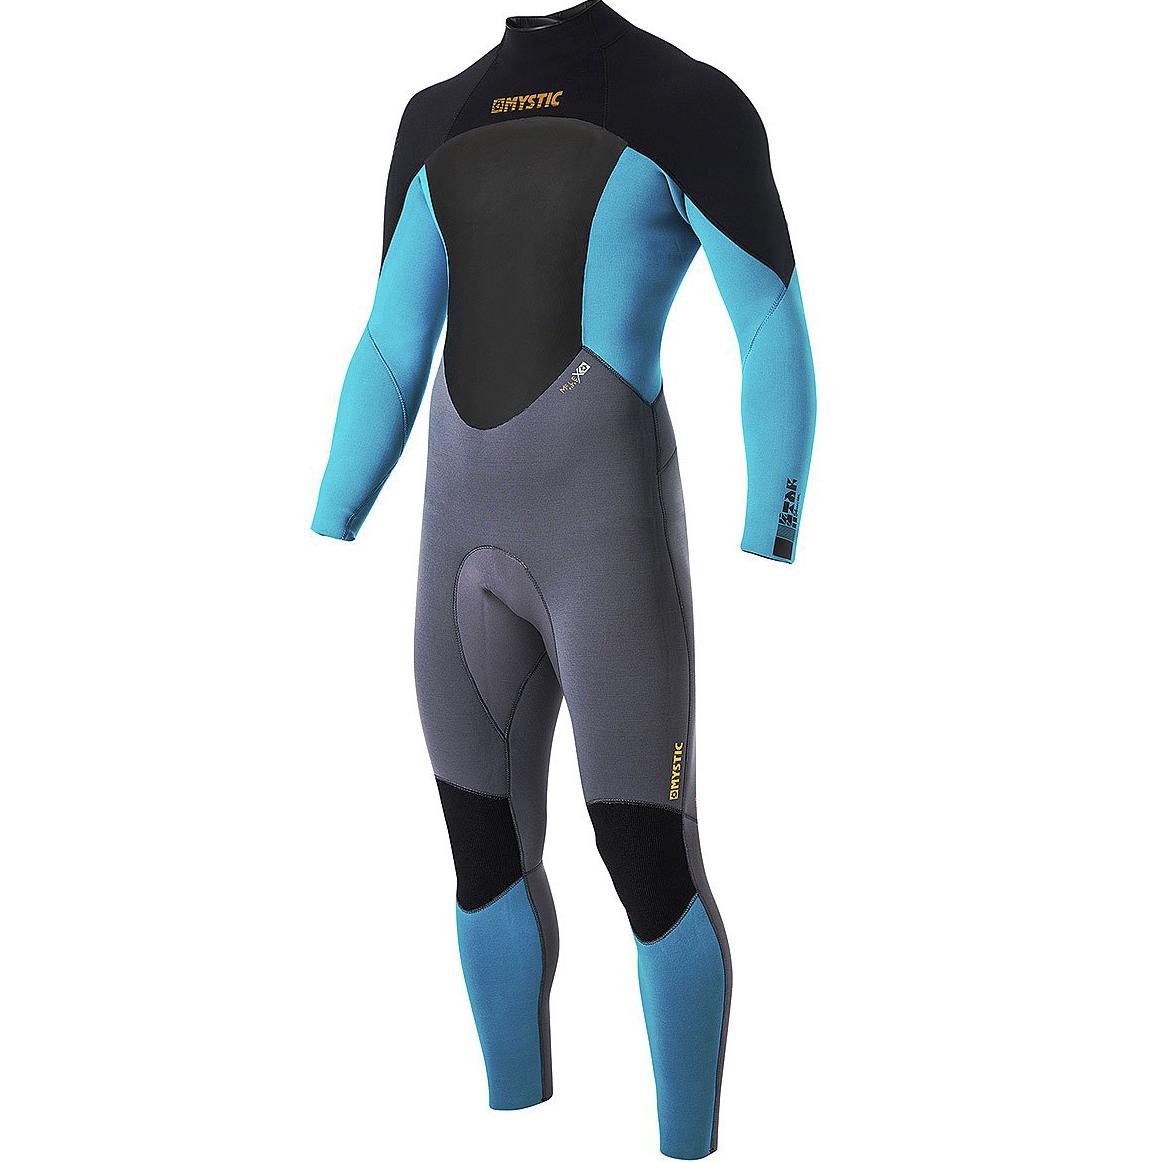 Sale Star 3/2 D/L FullSuit GBSГидрокостюмы<br>Длинный гидрокостюм обеспечит комфорт при занятиях экстремальными видами водного спорта для теплой погоды. Стильный дизайн, есть удобный карман для ключей.<br><br><br> <br><br> Особенности:<br><br><br>Толщина неопрена: 3/2 мм. <br>Проклеенные швы GBS (Glue Blind Stitched)– панели склеиваются и прострачиваются наполовину, а не насквозь, что делает их водонепроницаемыми<br>Неопрен M-Flex 50% - самый тянущийся неопрен в линейке. Используемая технология перекрестного плетения позволяет тянуться во всех направлениях. Мягкий, приятен коже.<br>Эргономичные вставки на коленях, тянущиеся в 4-х направлениях<br>Плоские швы <br>Карман для ключей<br>Молния на спине<br>Двойная конструкция воротника<br>Мягкие липучки внизу штанин для фиксации.<br><br>Сезон: SS17<br>Артикул: 33182<br>Цвет: ORANGE<br>Пол: МУЖ<br>Пол: Мужcкое<br>Размер: MS<br>Тип вещи: ГИДРОКОСТЮМ